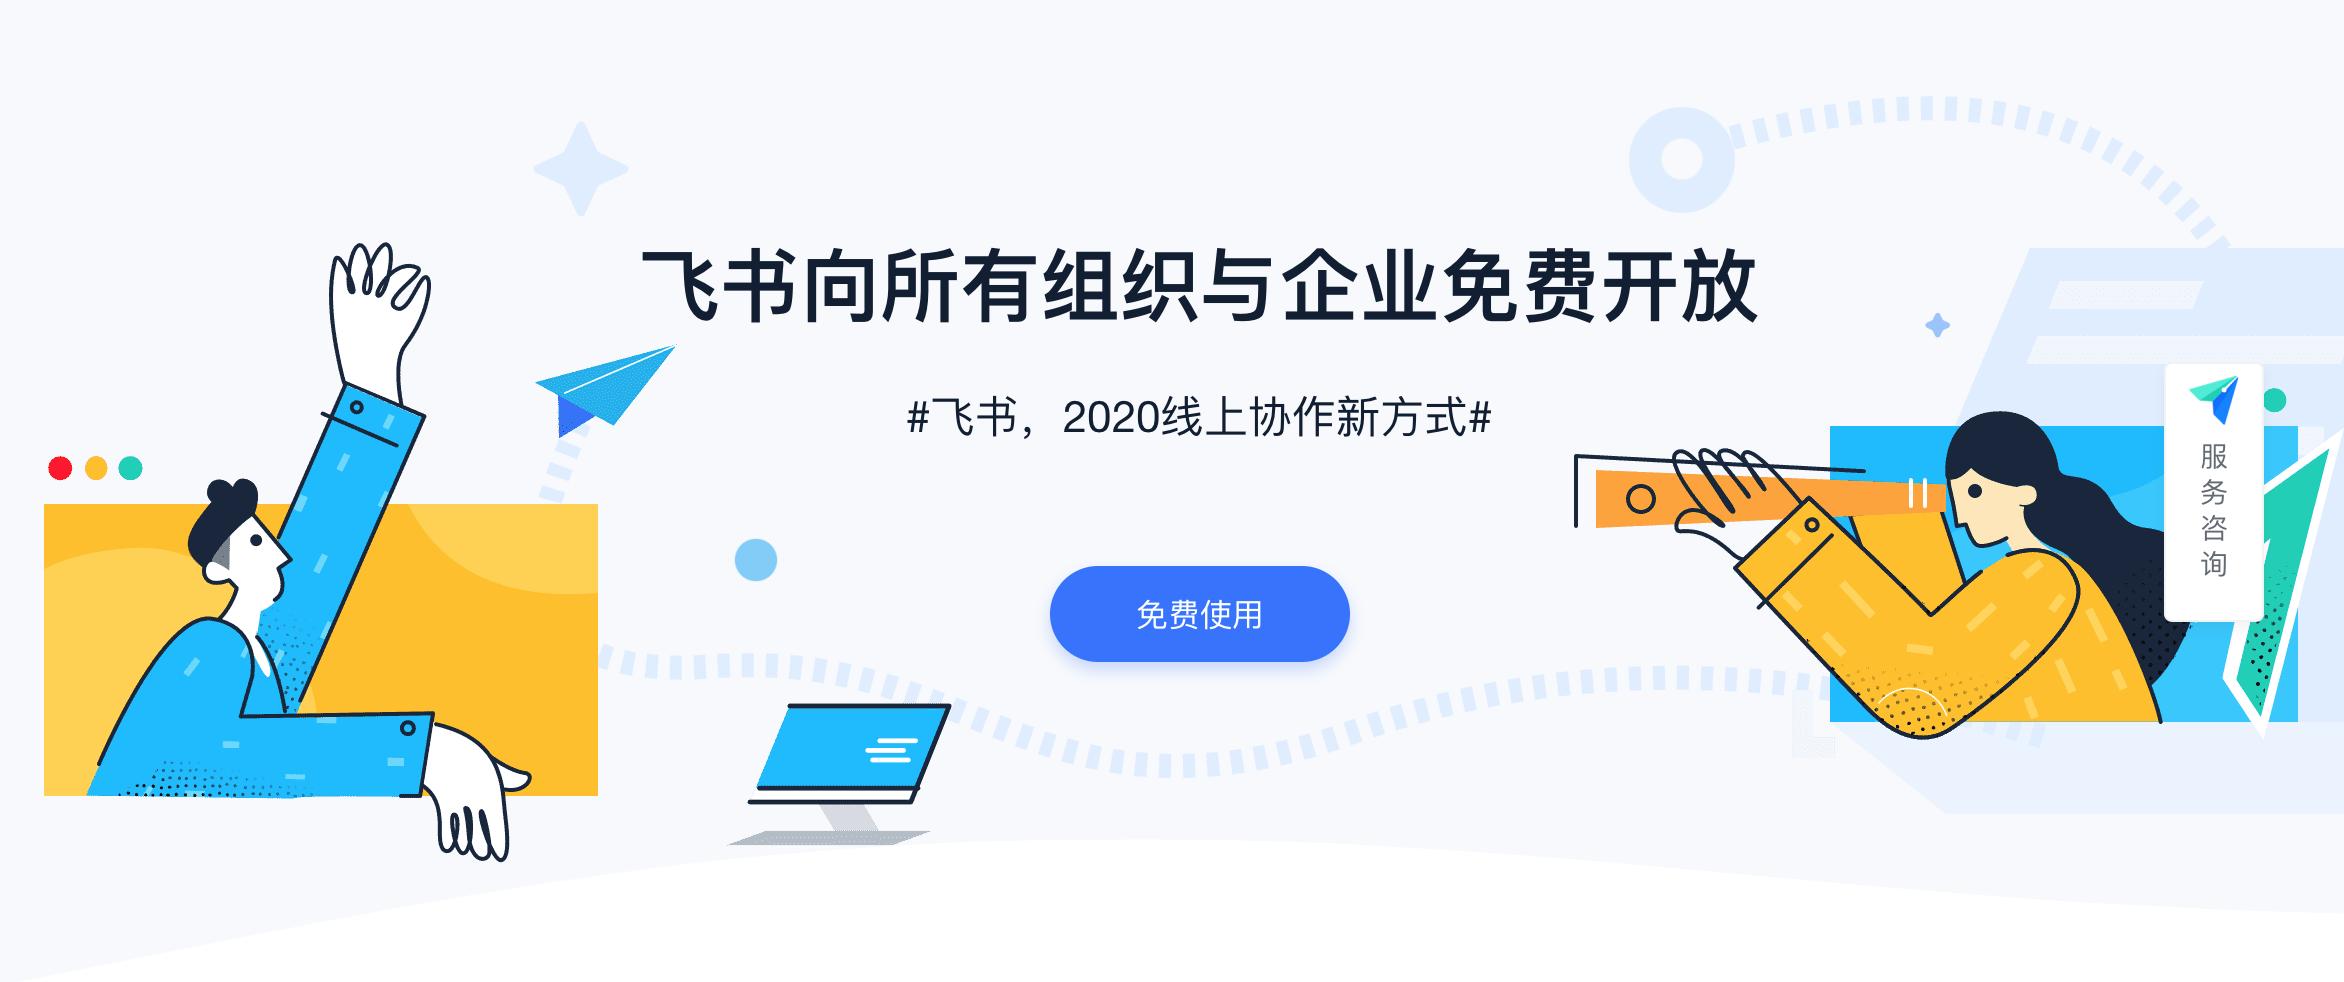 """被微信封禁五天后飞书再发声明回应 称遭遇""""莫须有式""""抹黑"""